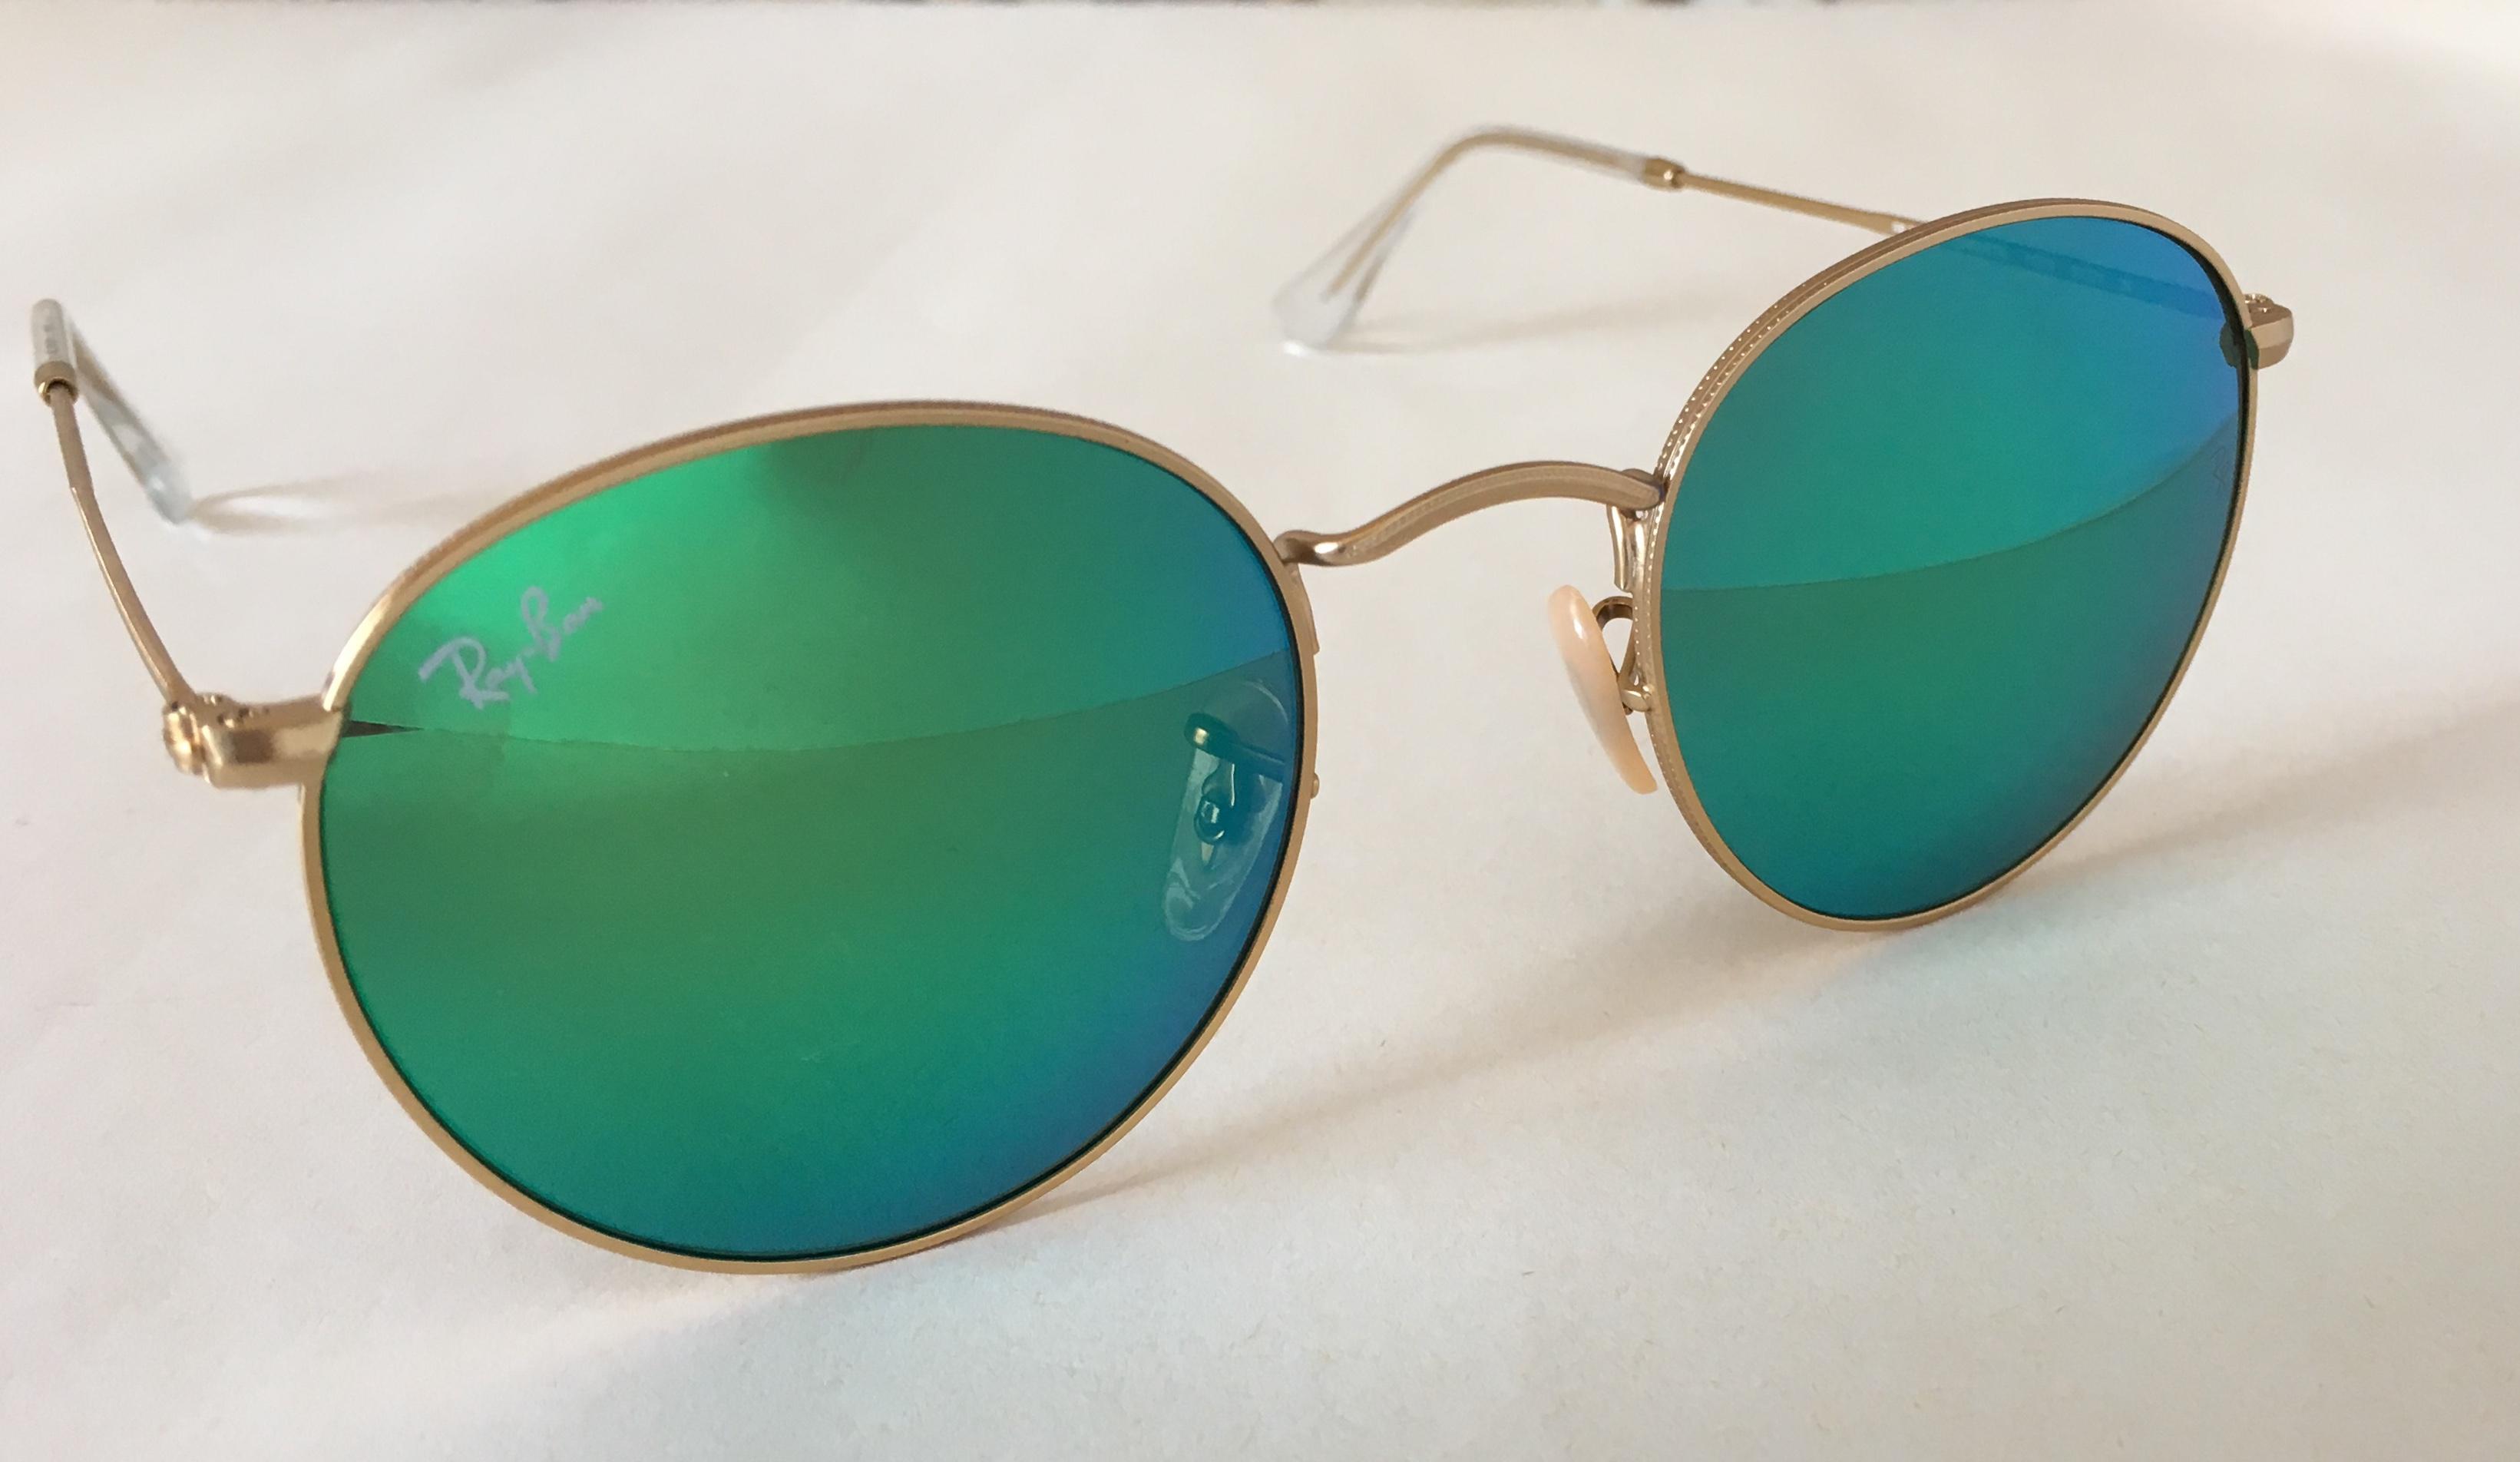 Авіатори ray ban. Продаються круглі окуляри Ray Ban недорого ac1548e281724